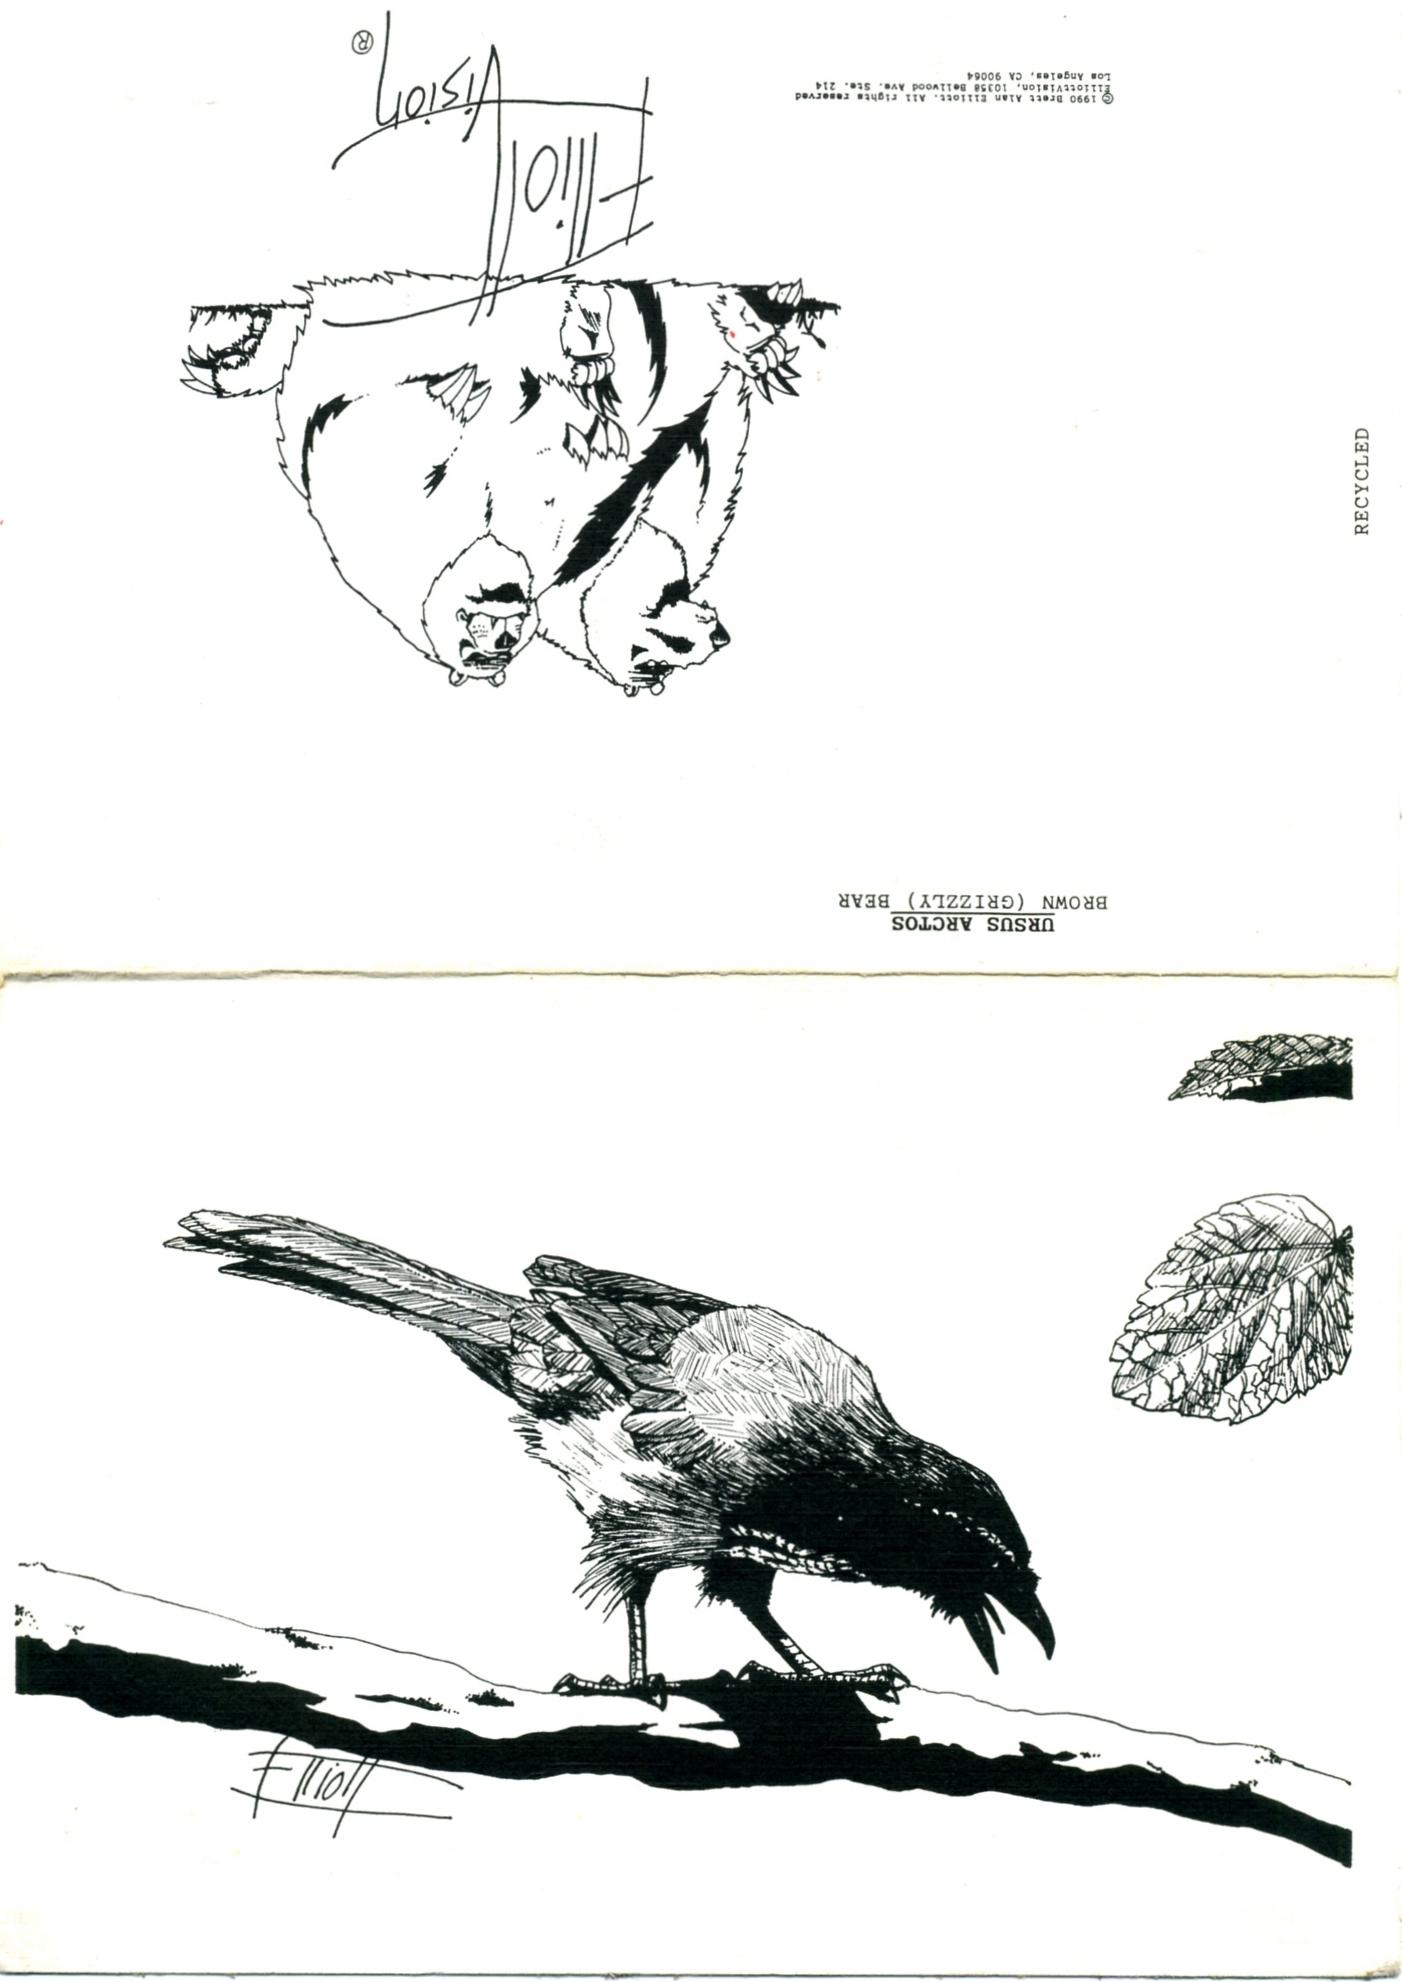 bird by brett alan elliott